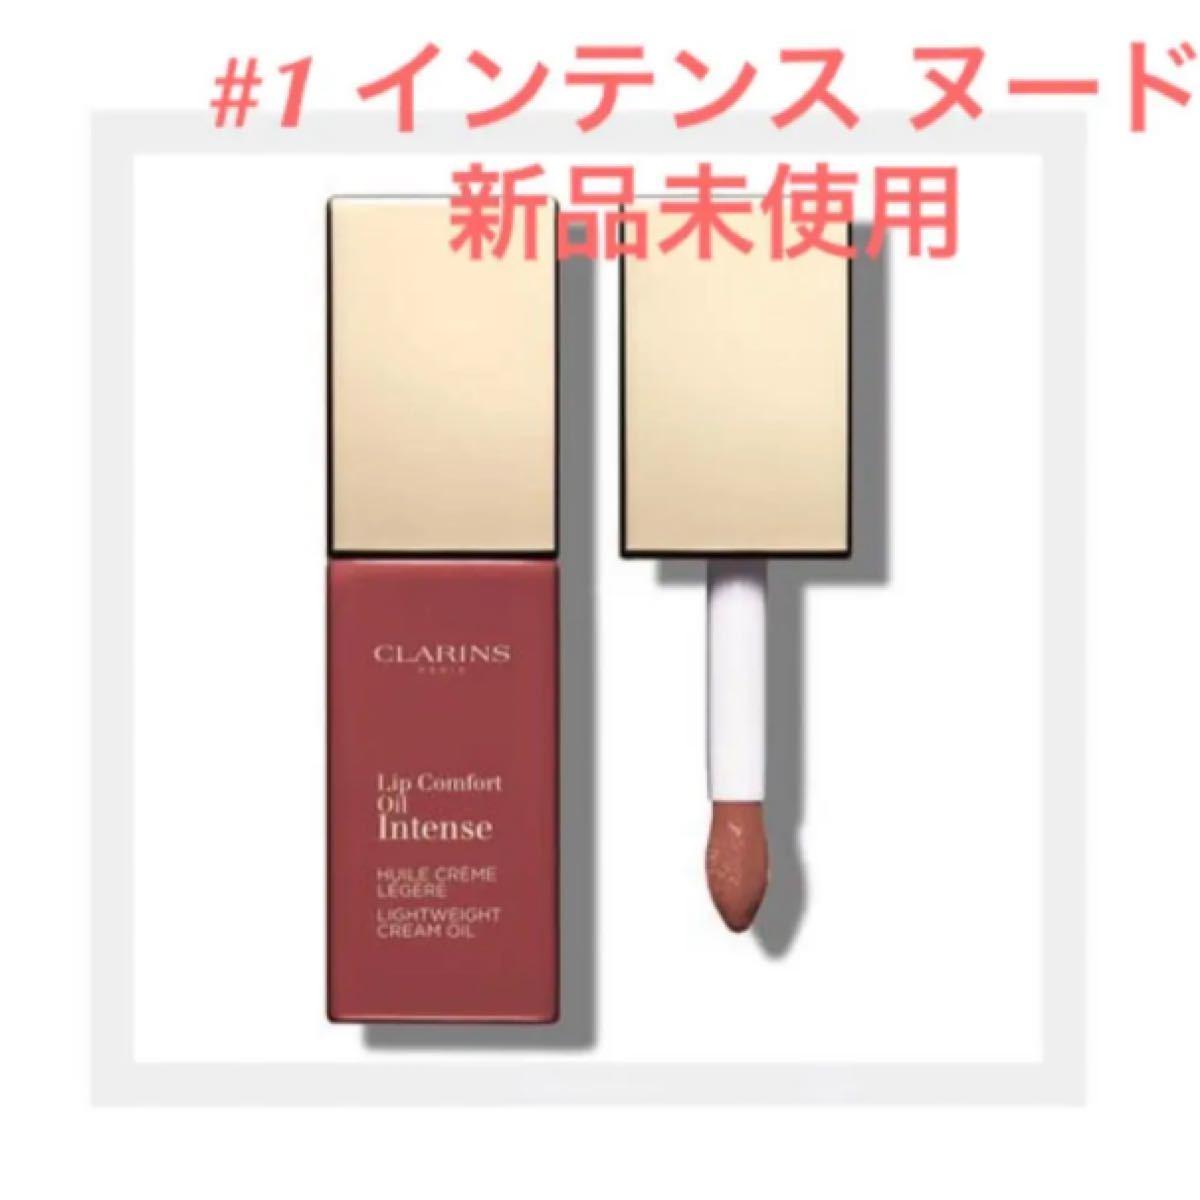 【5/22発売新色】クラランス リップオイル 01 インテンス ヌード